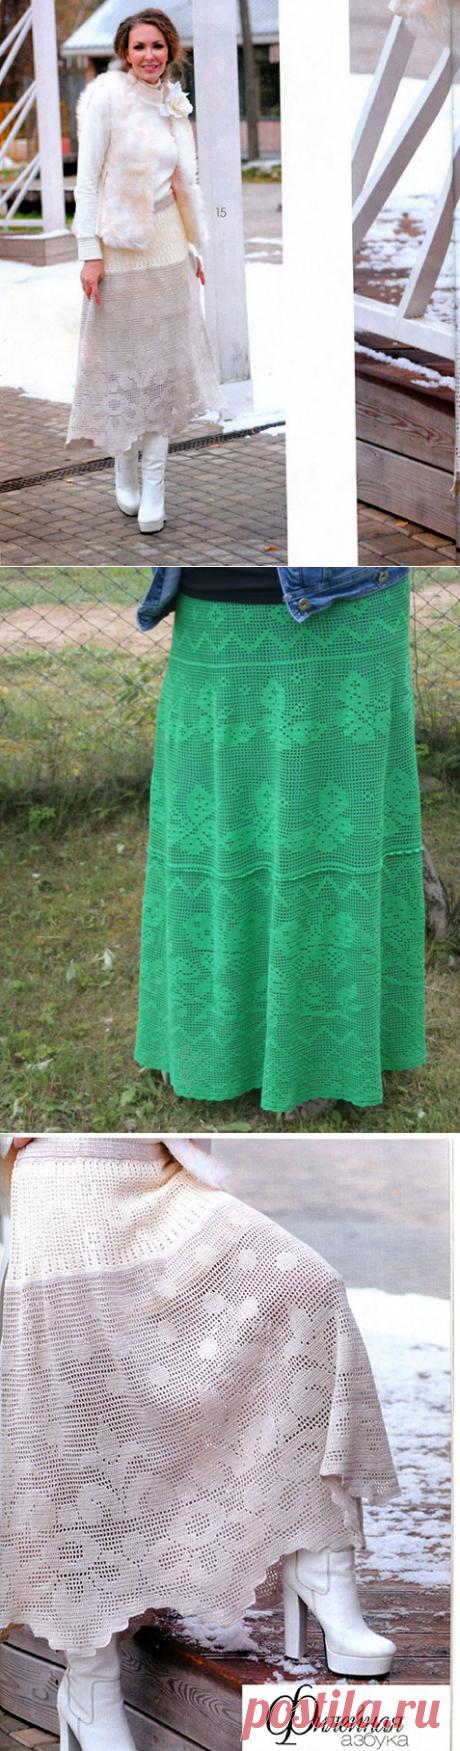 6 длинных юбок крючком филейным вязанием – схемы узоров и описание с выкройками